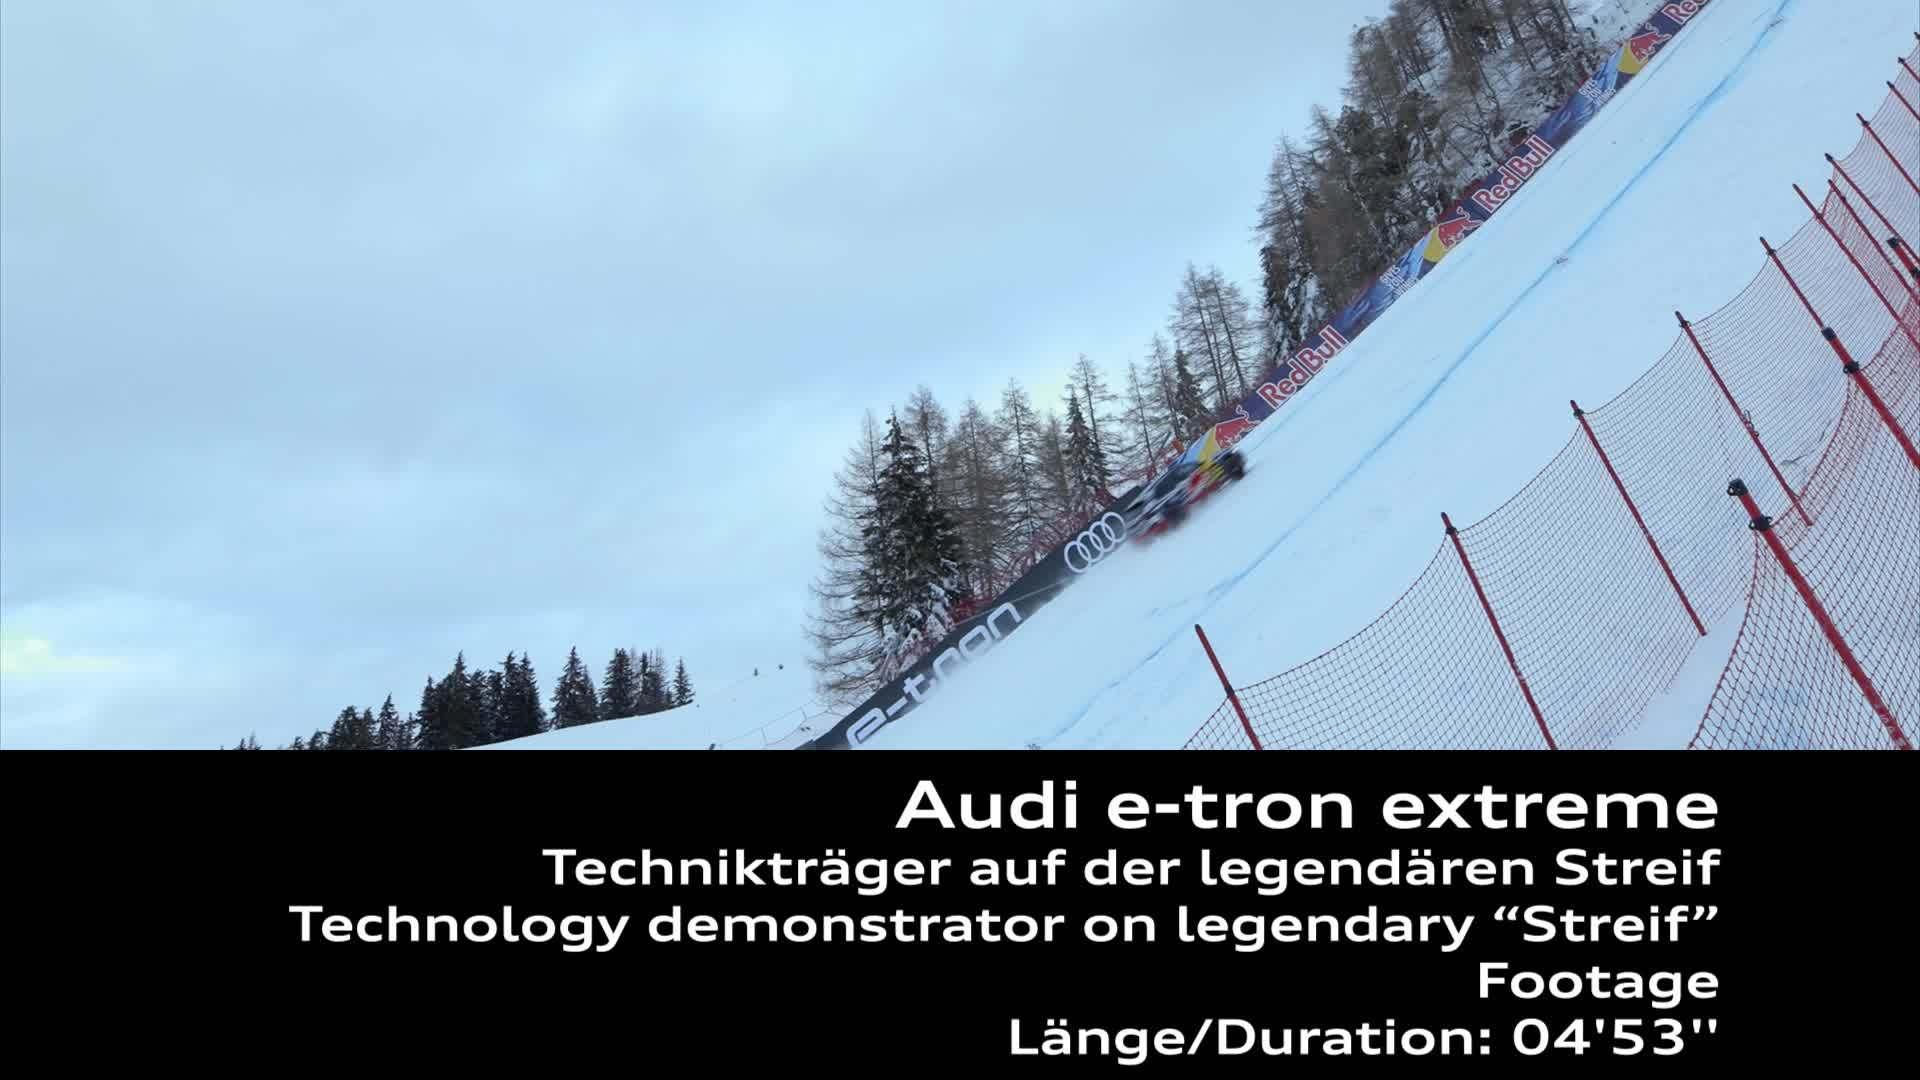 Der Audi e-tron Technikträger auf der legendären Streif (Footage)